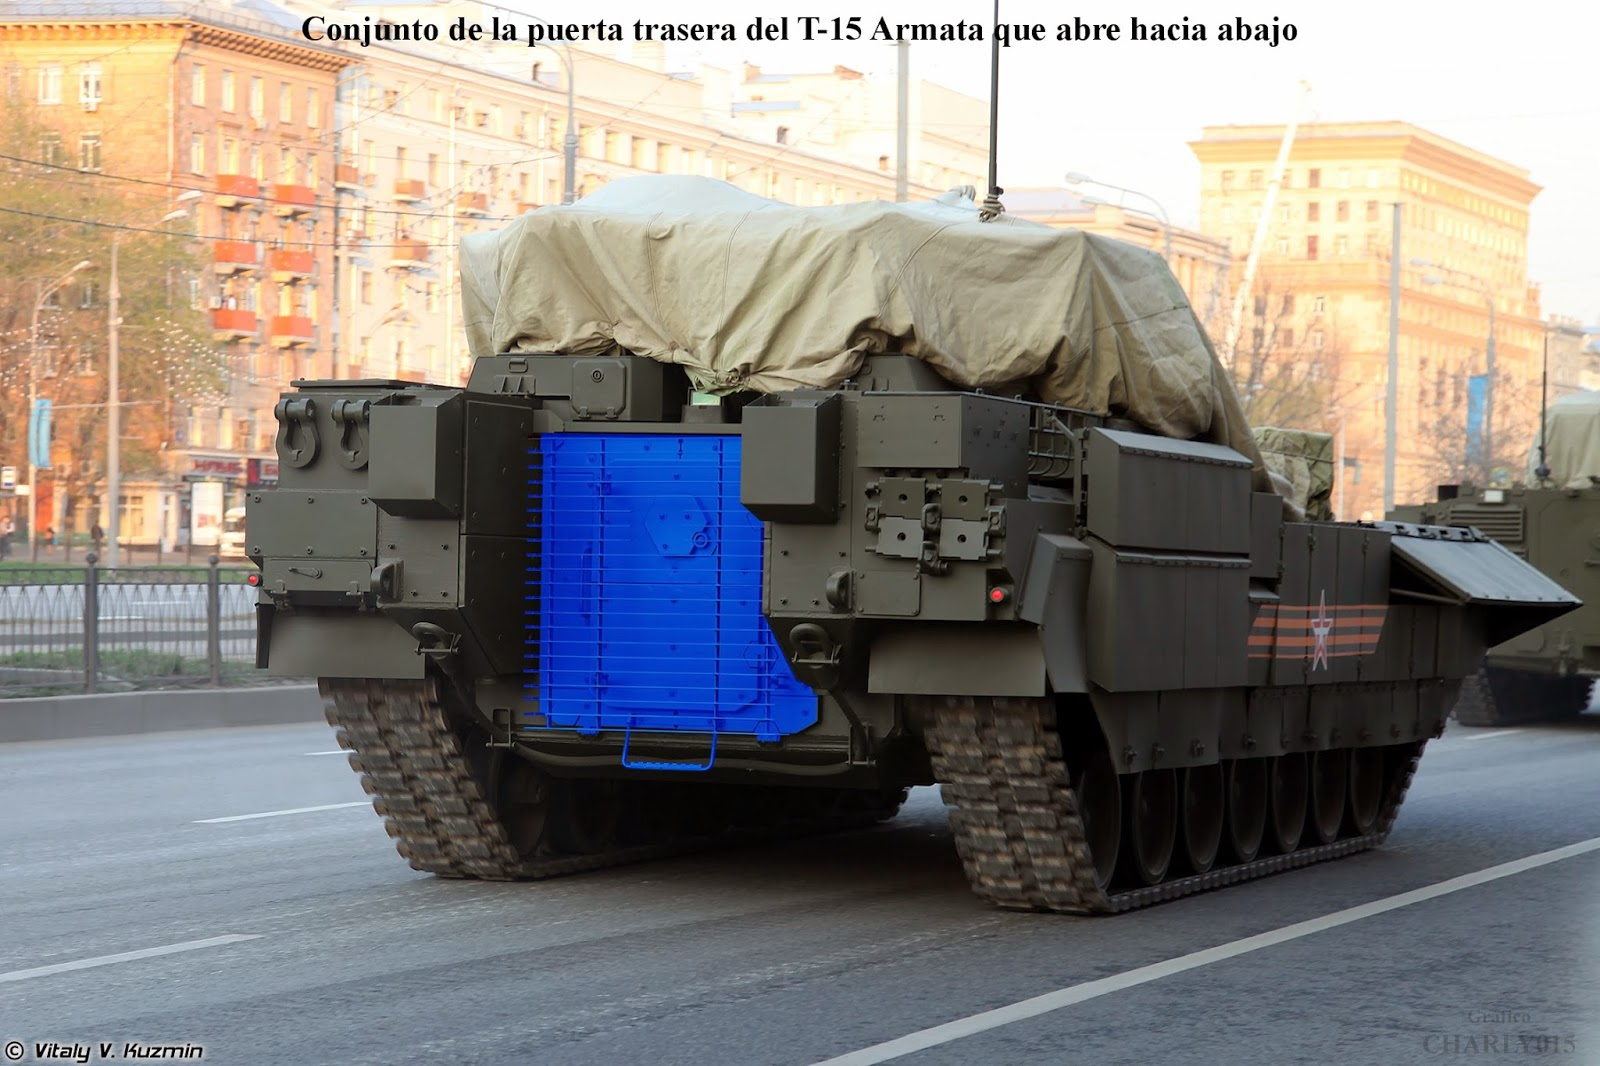 Armata: ¿el robotanque ruso? - Página 2 Armata%2Bcompuerta%2Bgrande